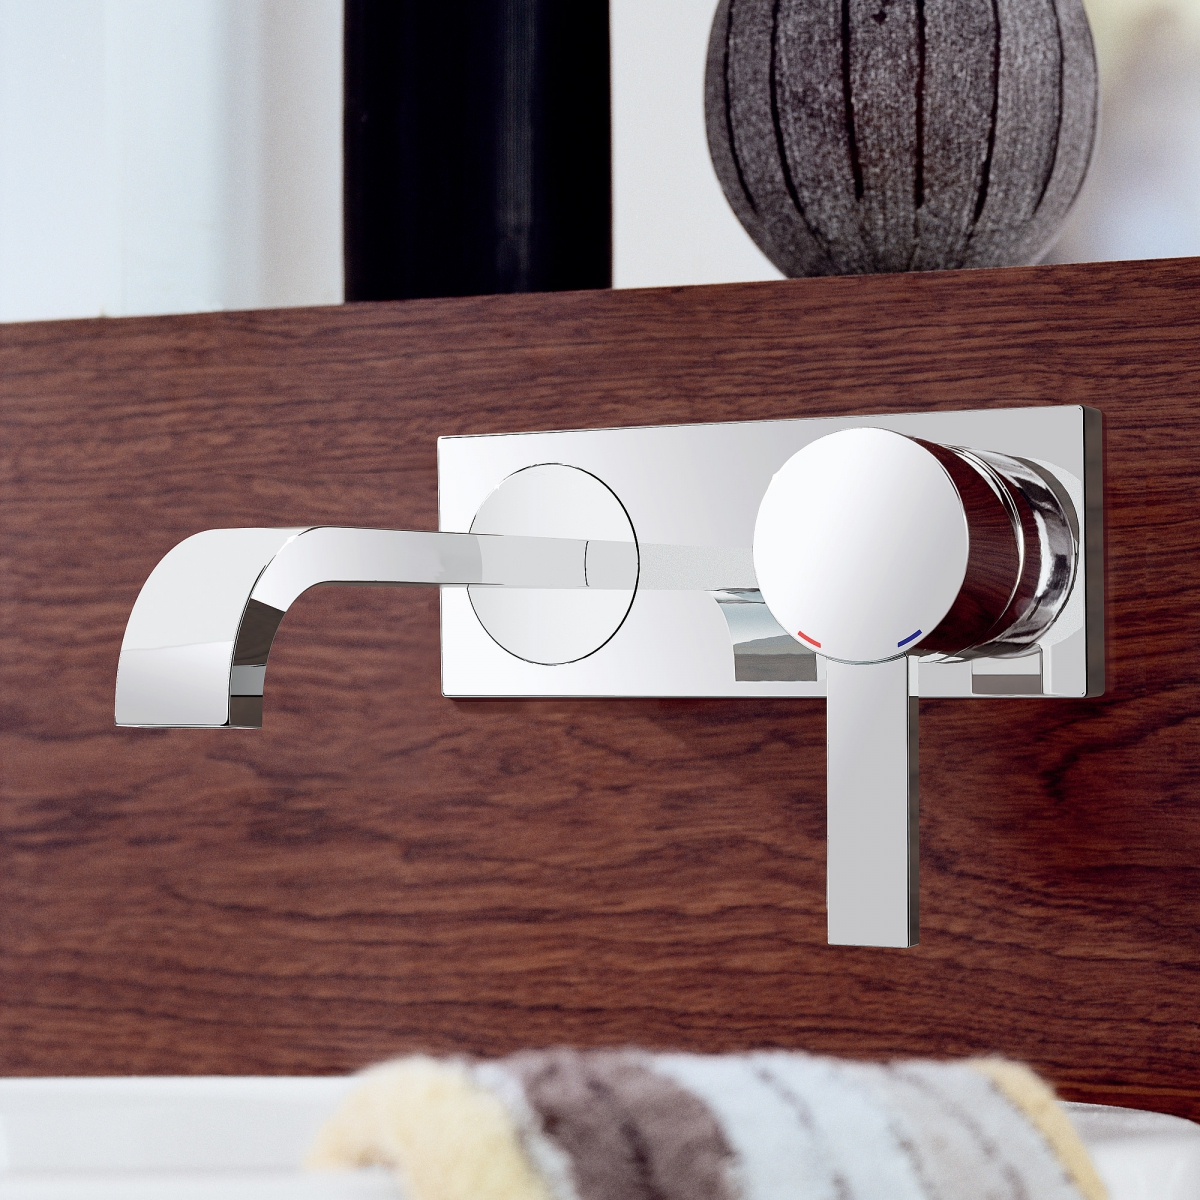 mitigeur lavabo mural allure grohe induscabel salle de bains chauffage et cuisine. Black Bedroom Furniture Sets. Home Design Ideas